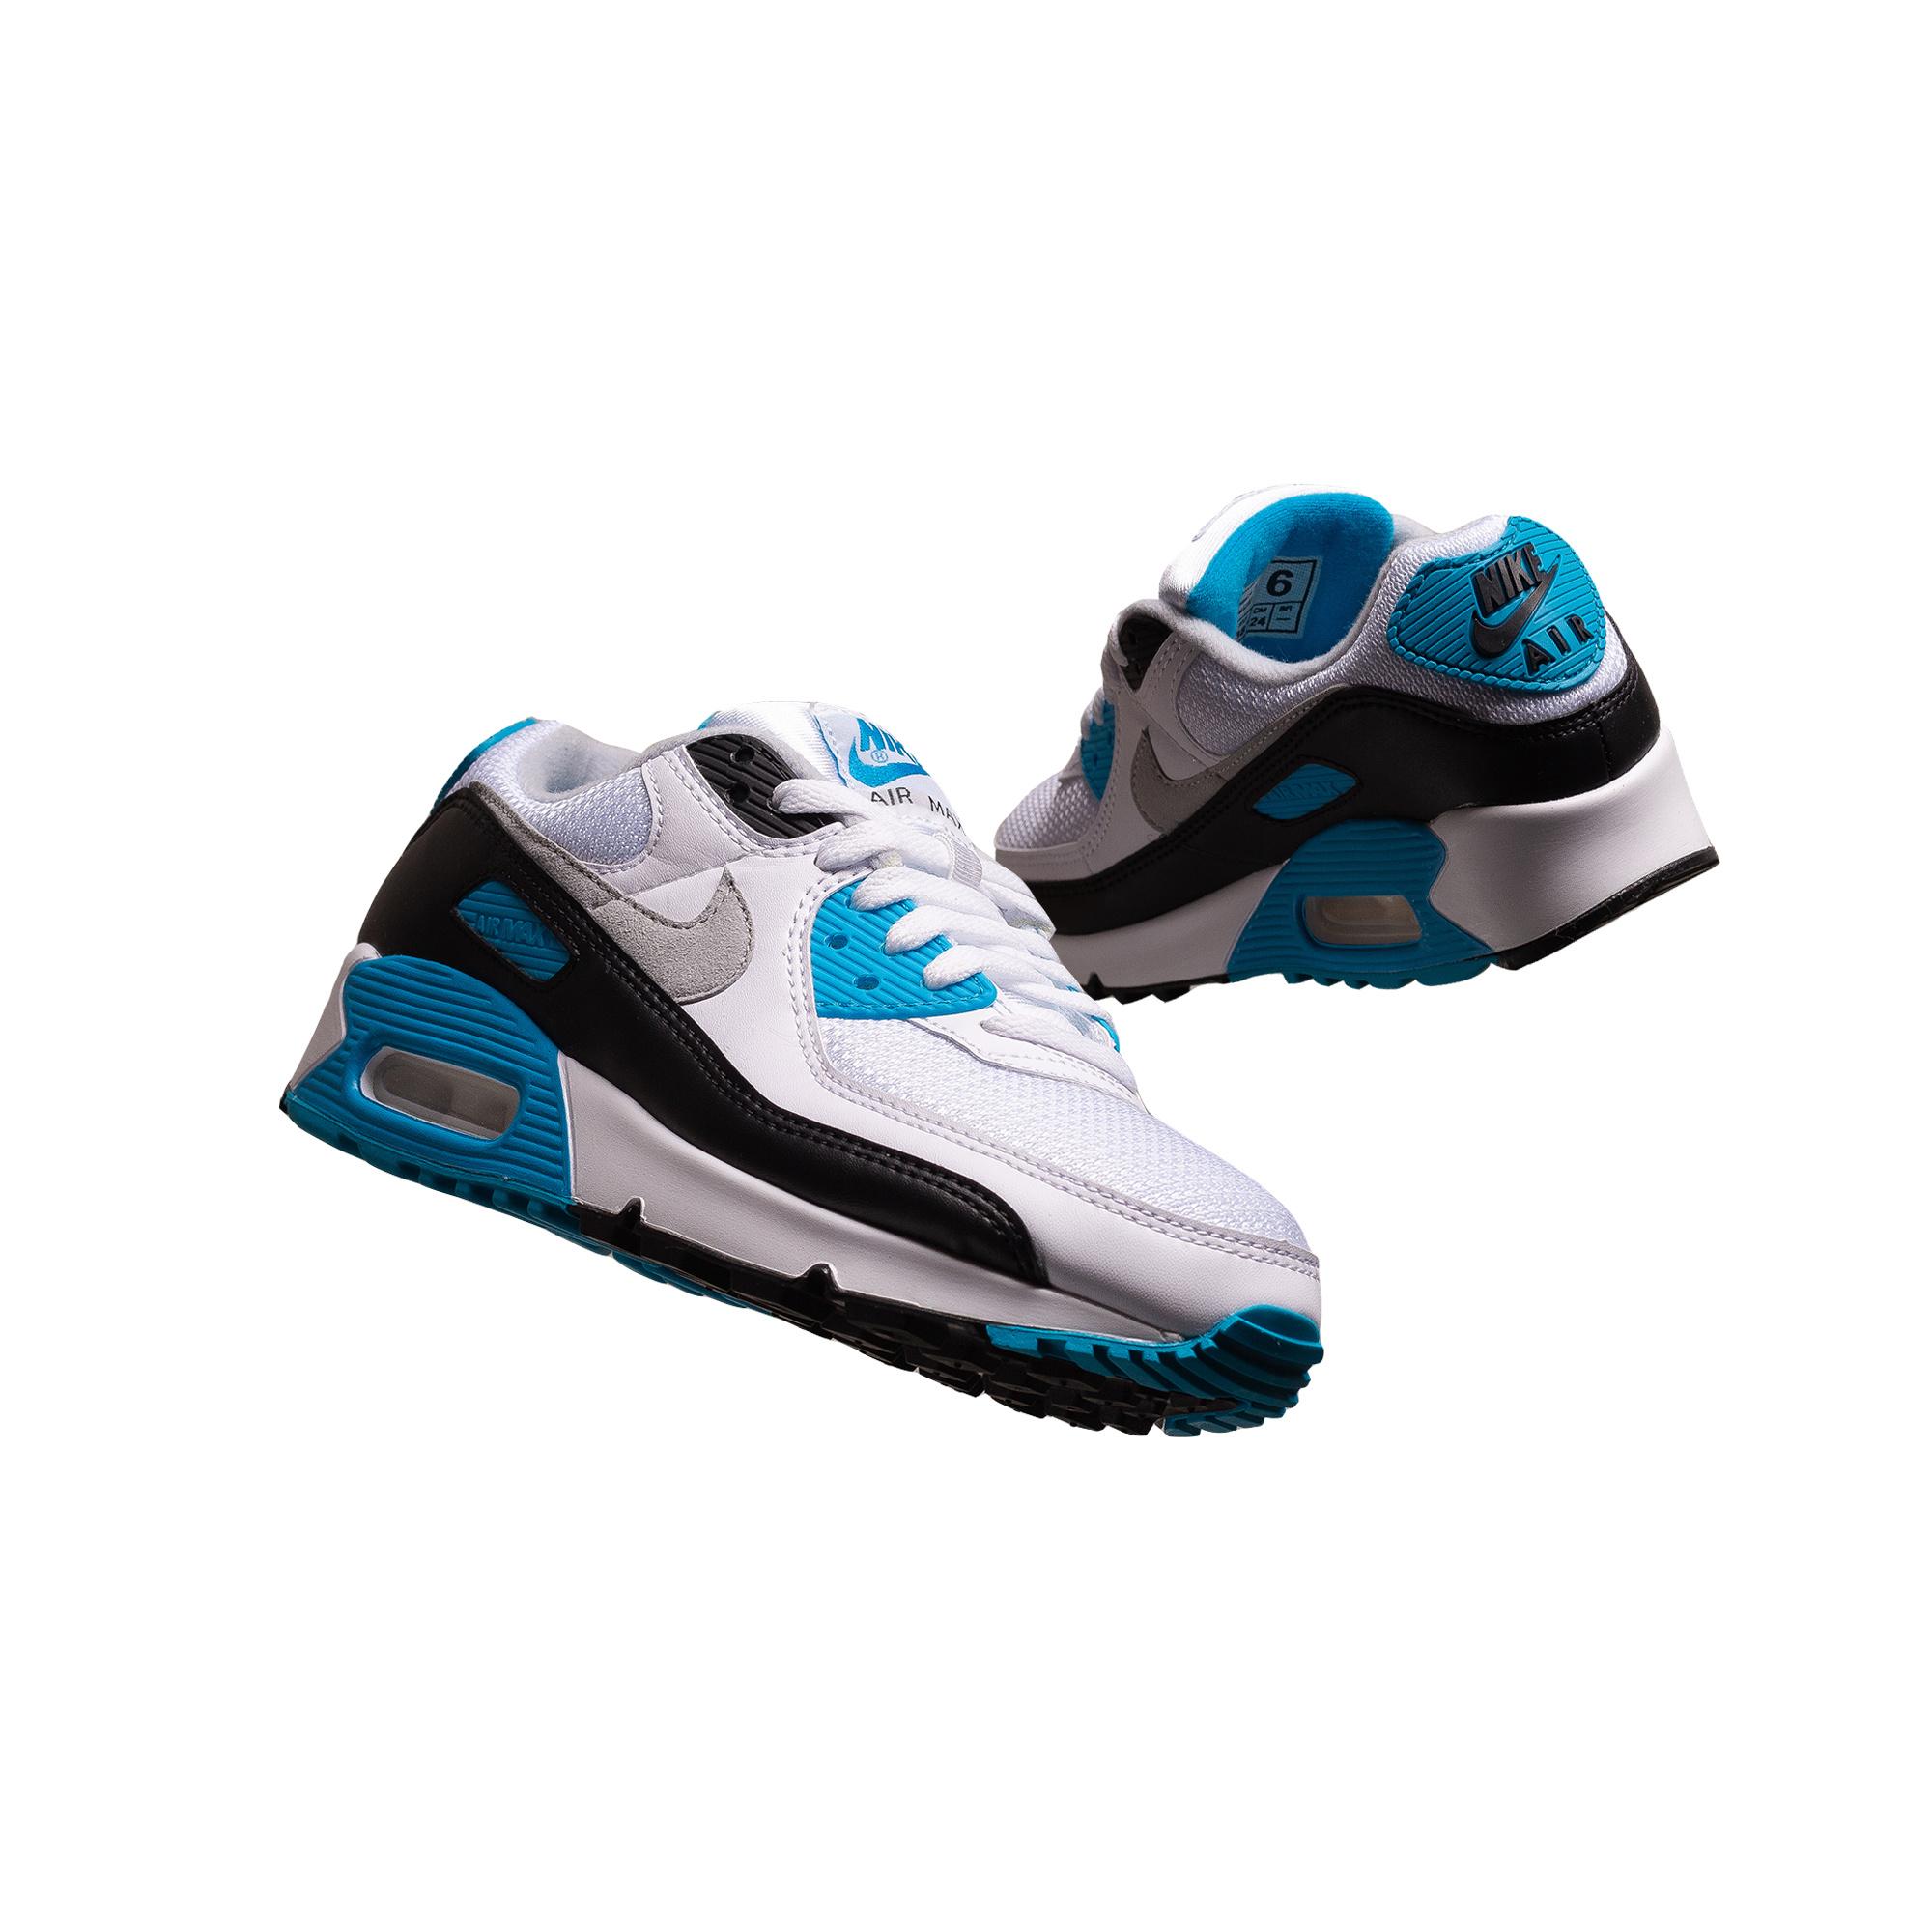 Nike Air Max 3 Laser Blue